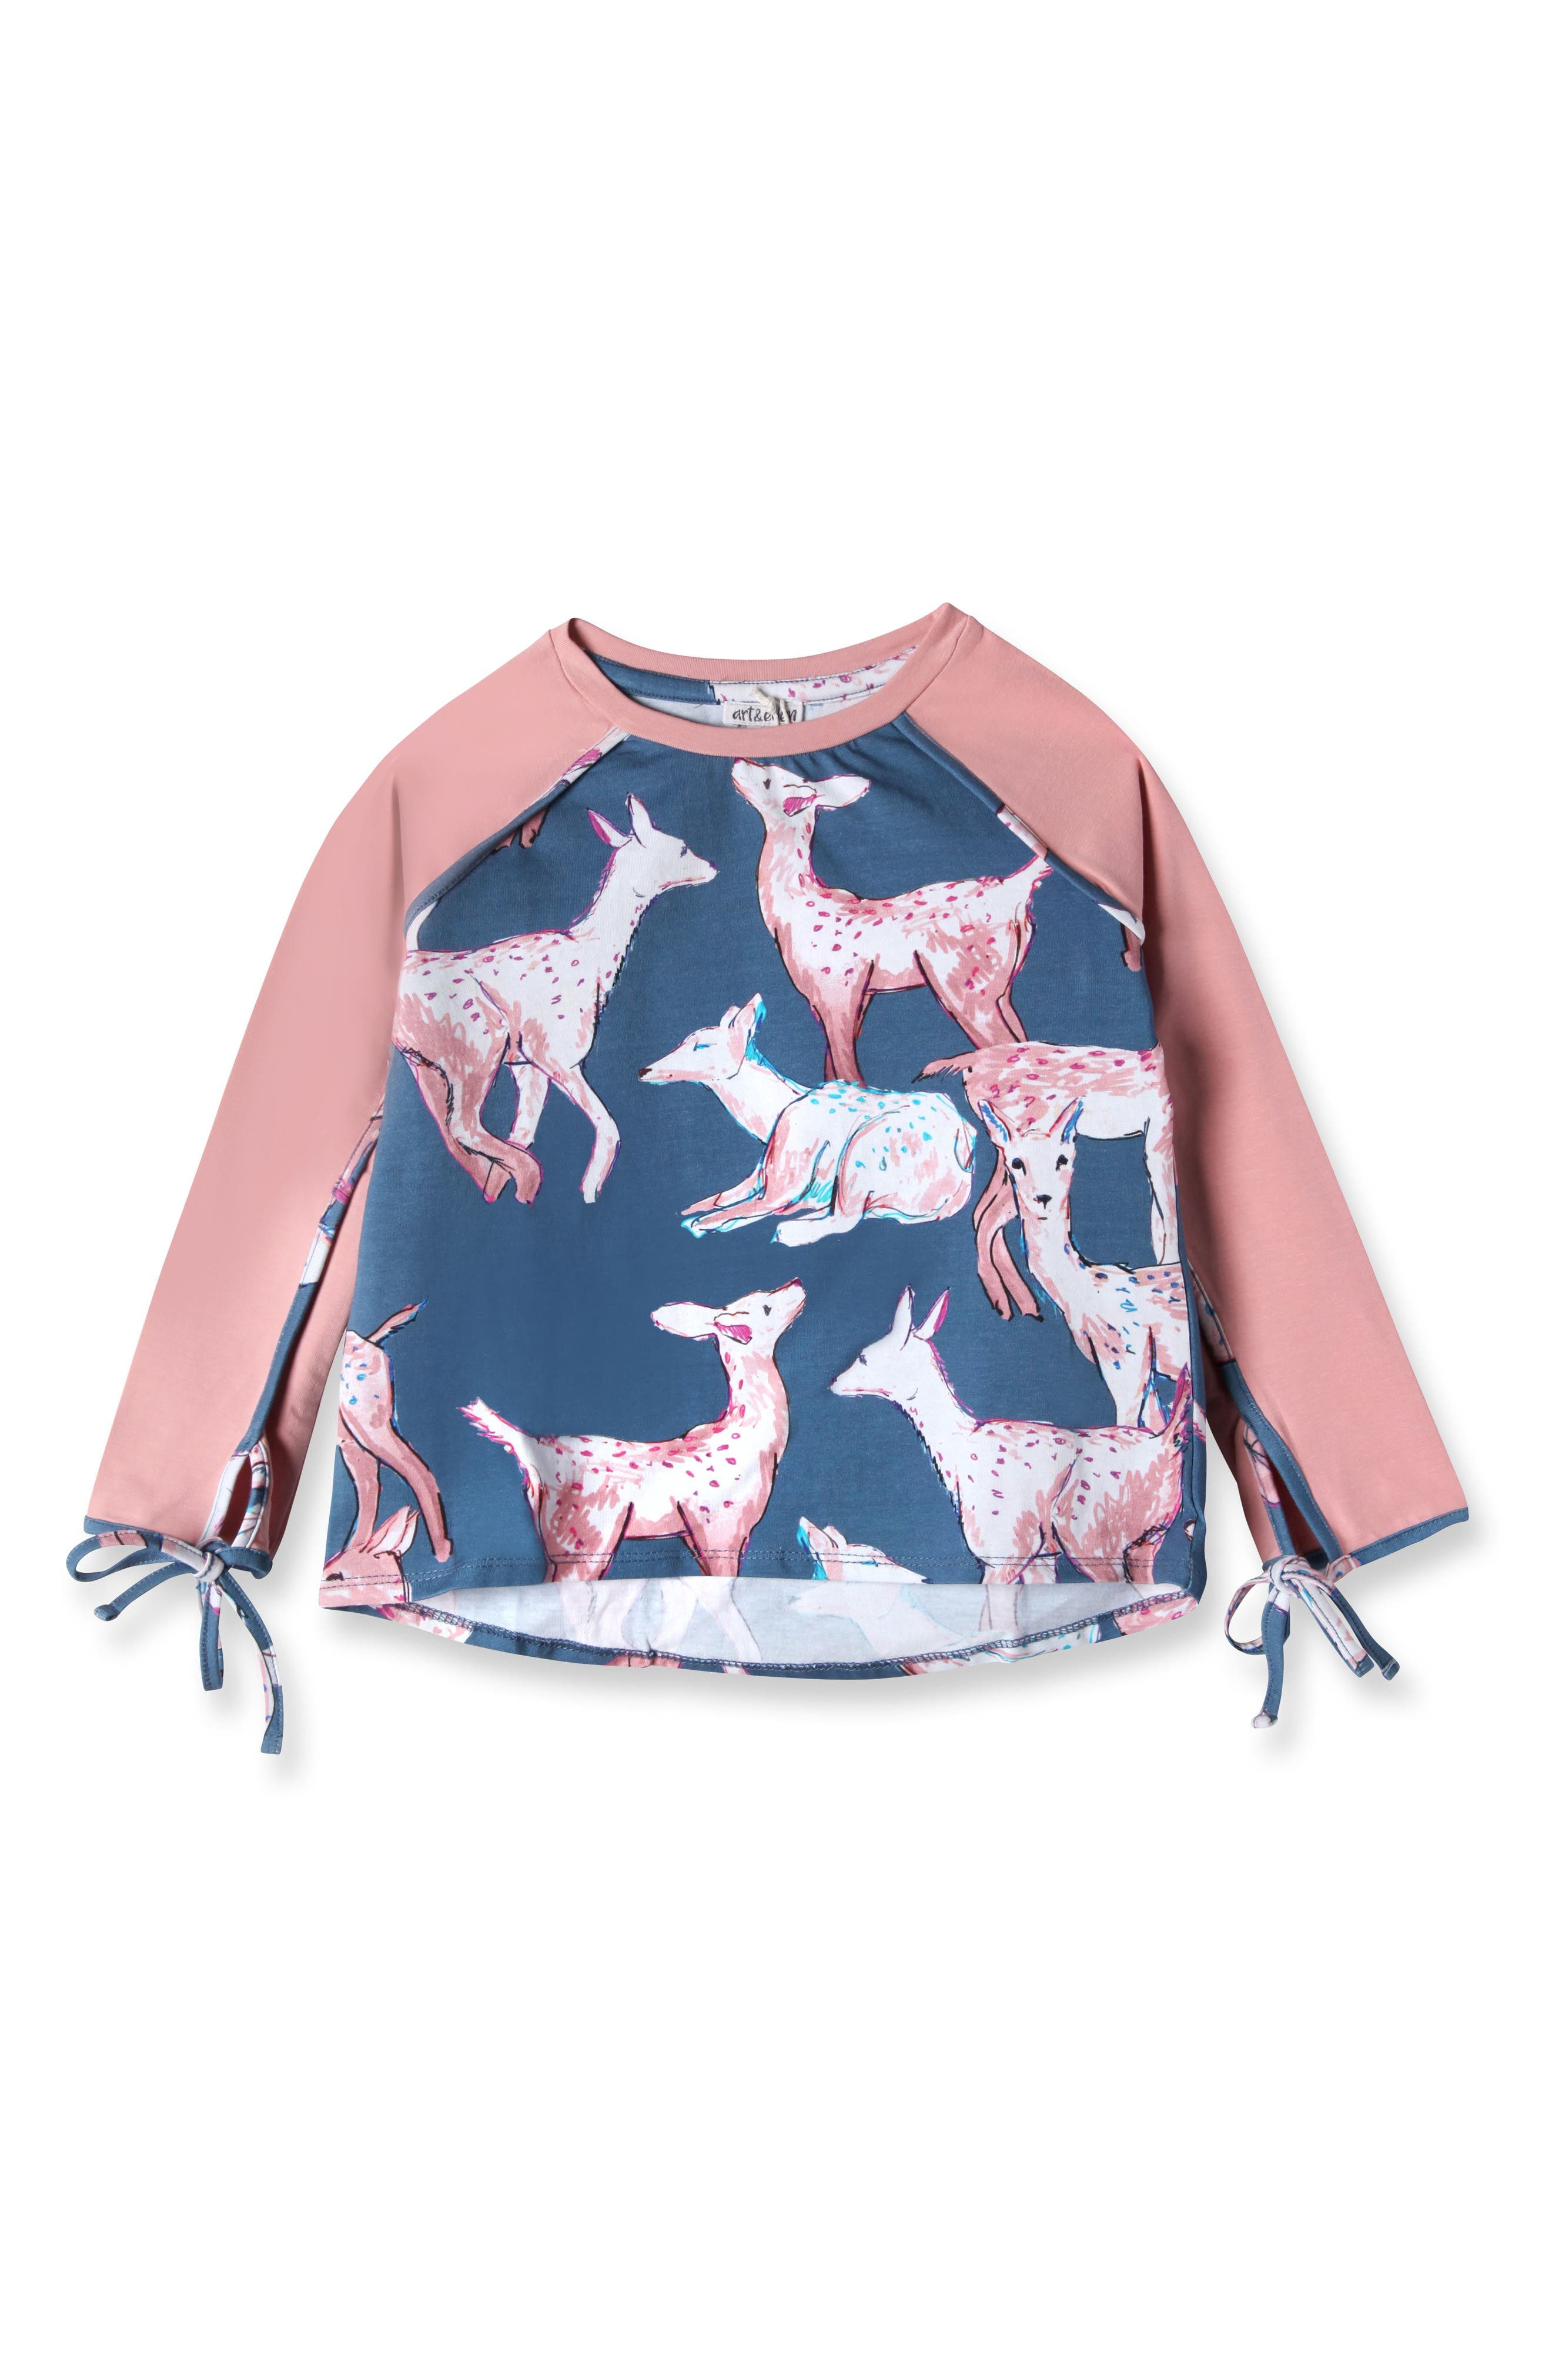 Main Image - Art & Eden Gabriella Tie Cuff Deer Top (Toddler Girls & Little Girls)